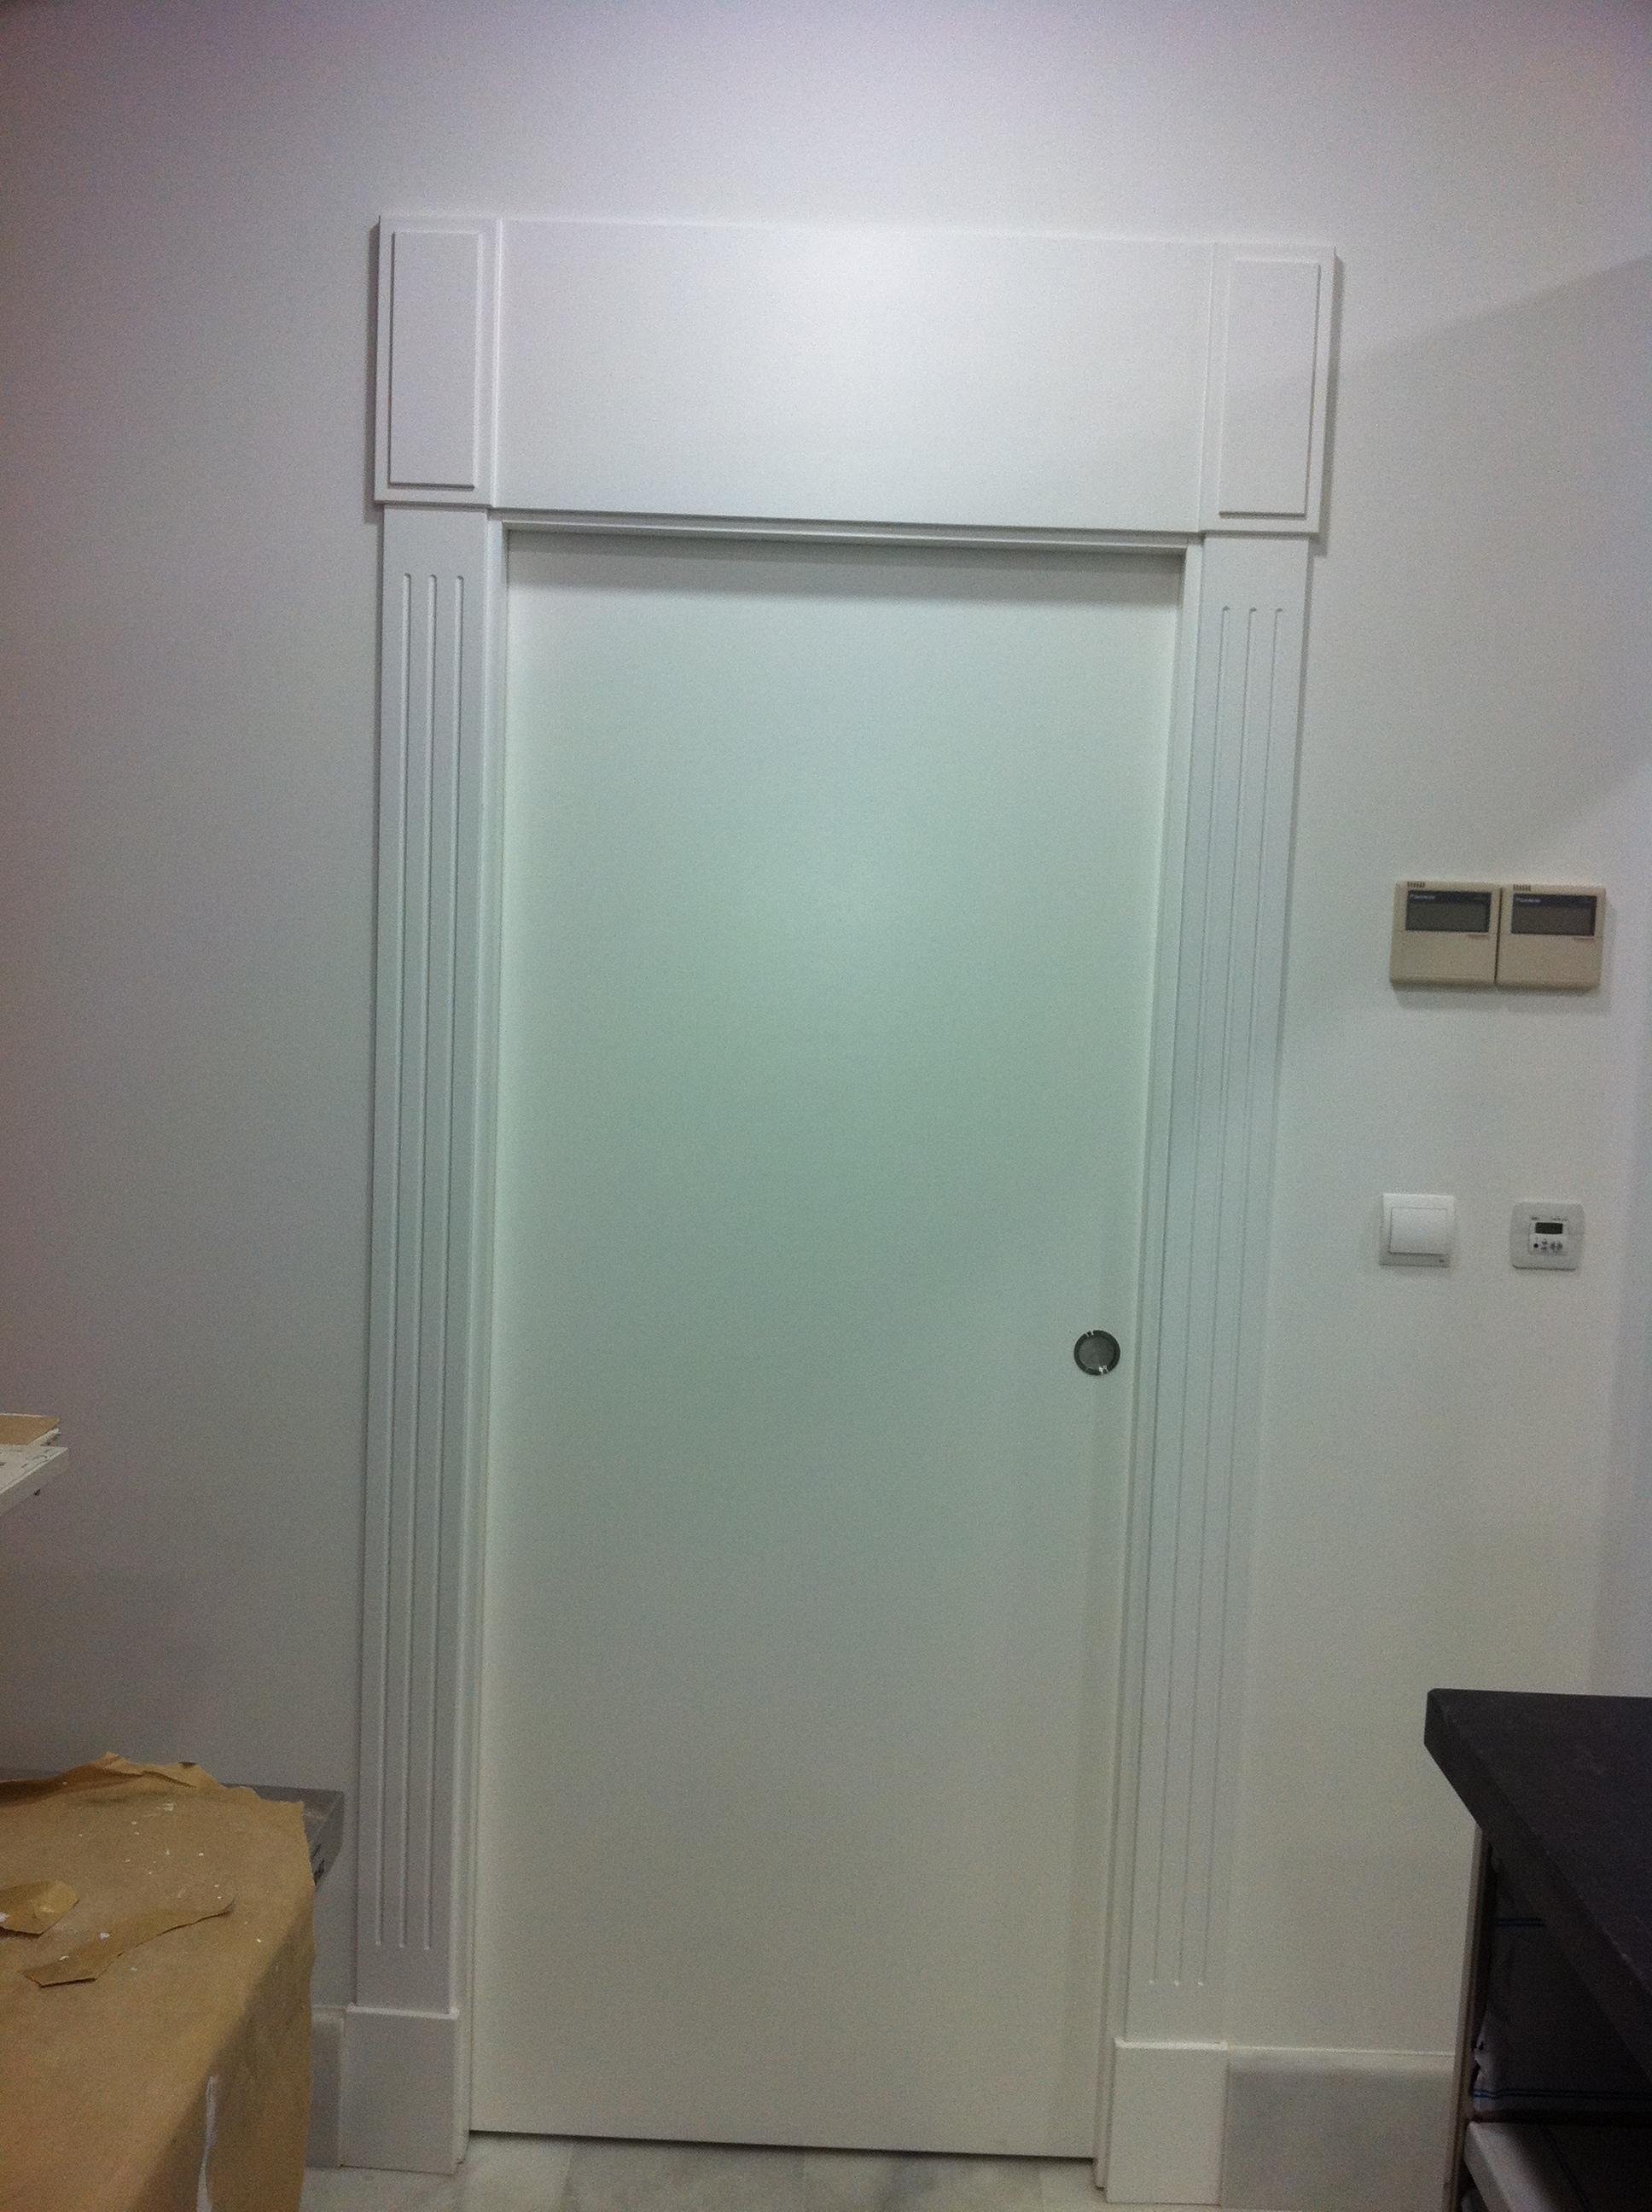 puerta-lacada-en-blanco-lisa-corredera-co-uñero-y-fijo-suuperior